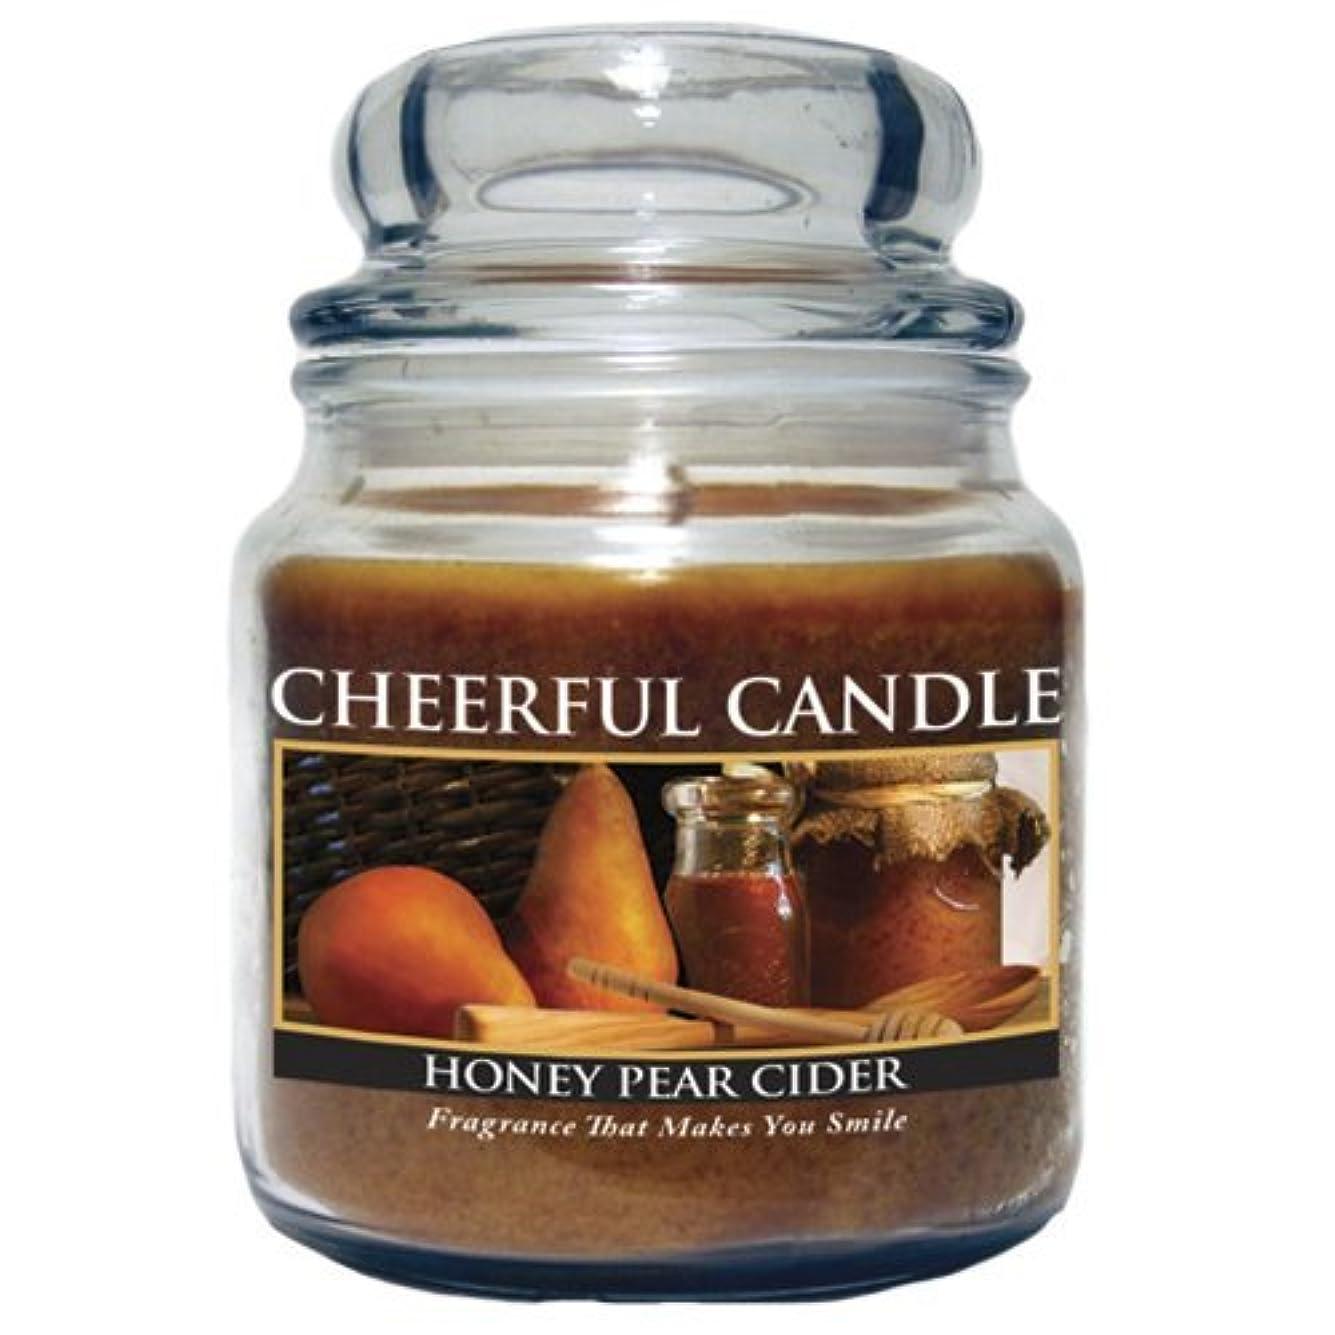 スリット発症クランシーA Cheerful Giver Honey Pear Cider Jar Candle, 24-Ounce by Cheerful Giver [並行輸入品]